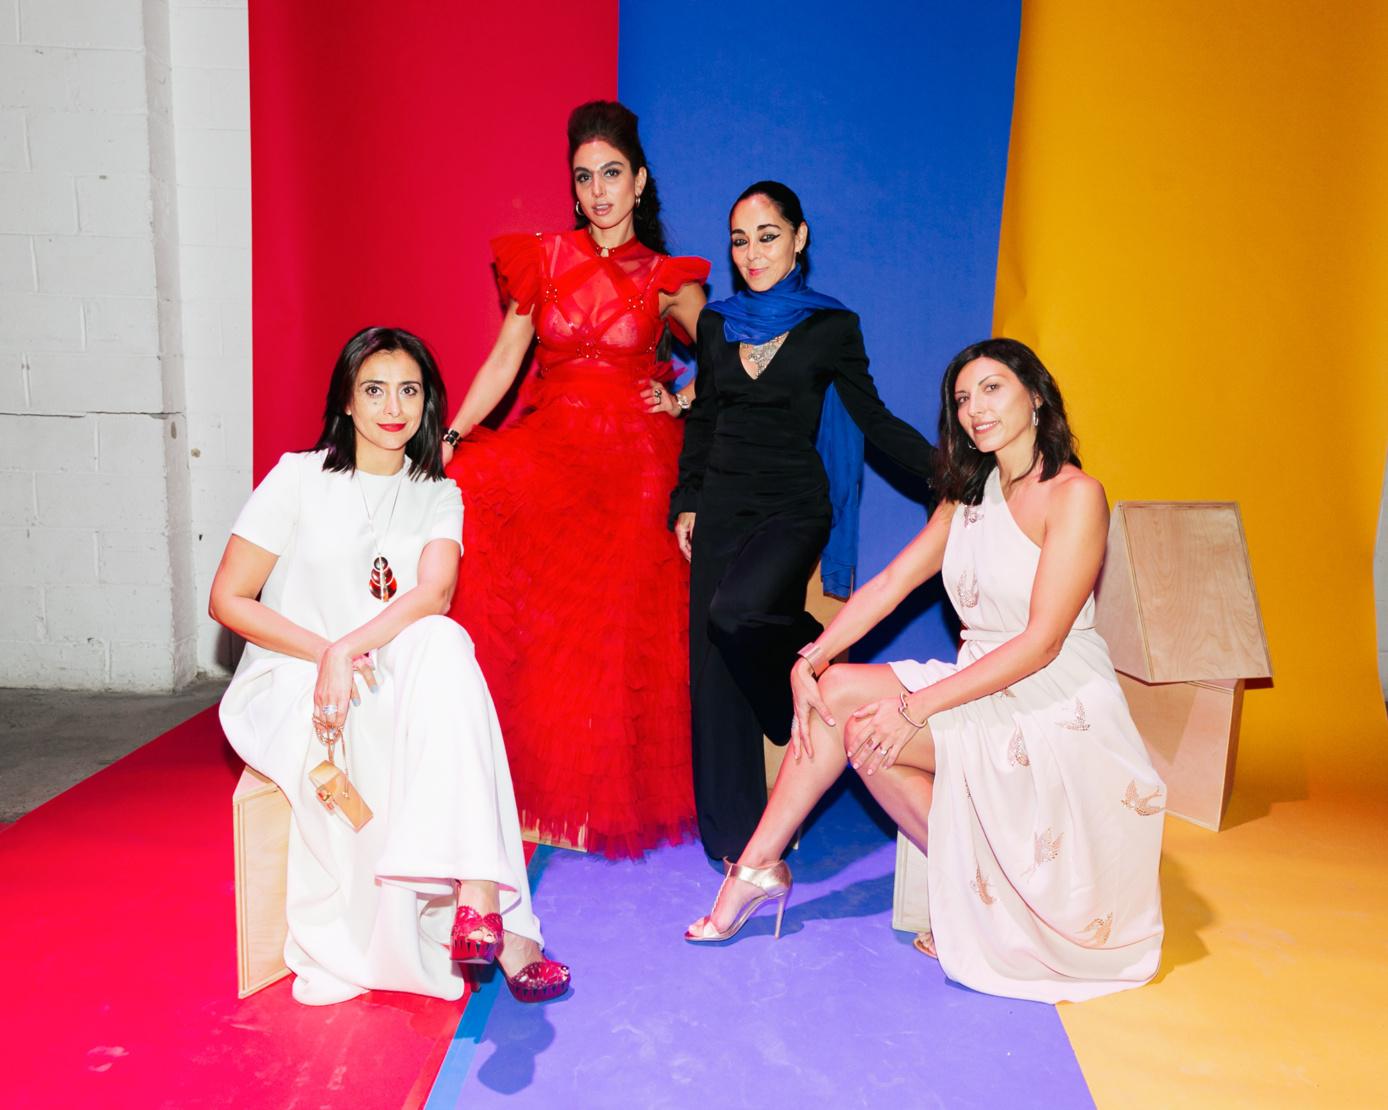 Nazy Nazhand, Shari Loeffler, Shirin Neshat and Sheree Hovsepian